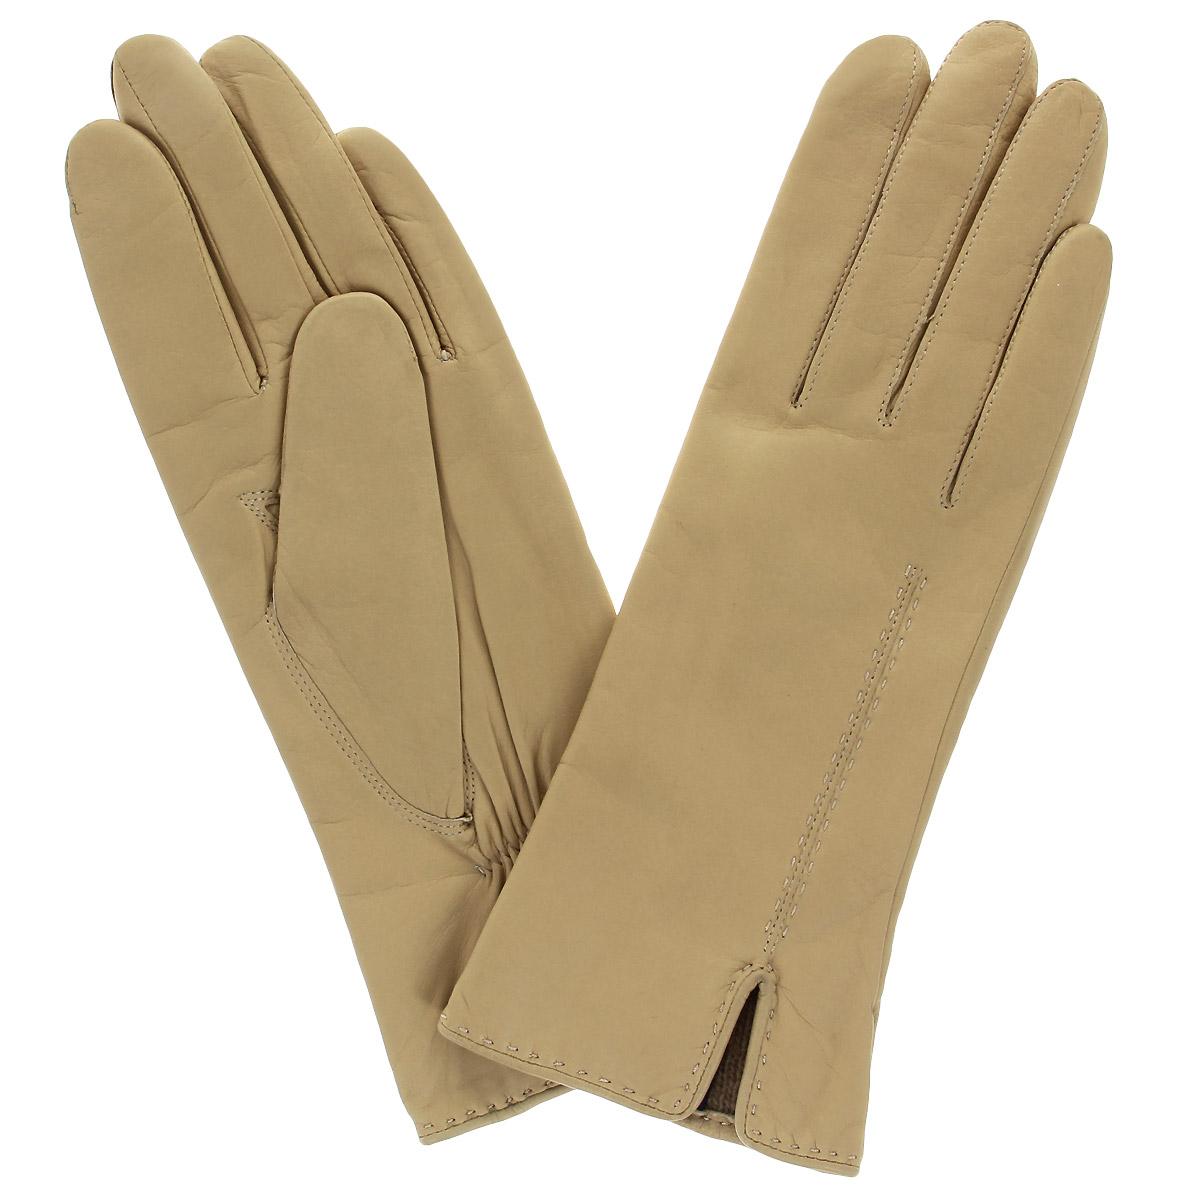 Перчатки женские Dali Exclusive, цвет: бежевый. 13_ALINA/BEIGE. Размер 7,513_ALINA/BEIGEСтильные перчатки Dali Exclusive с подкладкой из шерсти выполнены из мягкой и приятной на ощупь натуральной кожи ягненка. Лицевая сторона перчатки оформлена декоративным швом и дополнена небольшим разрезом. Такие перчатки подчеркнут ваш стиль и неповторимость и придадут всему образу нотки женственности и элегантности.